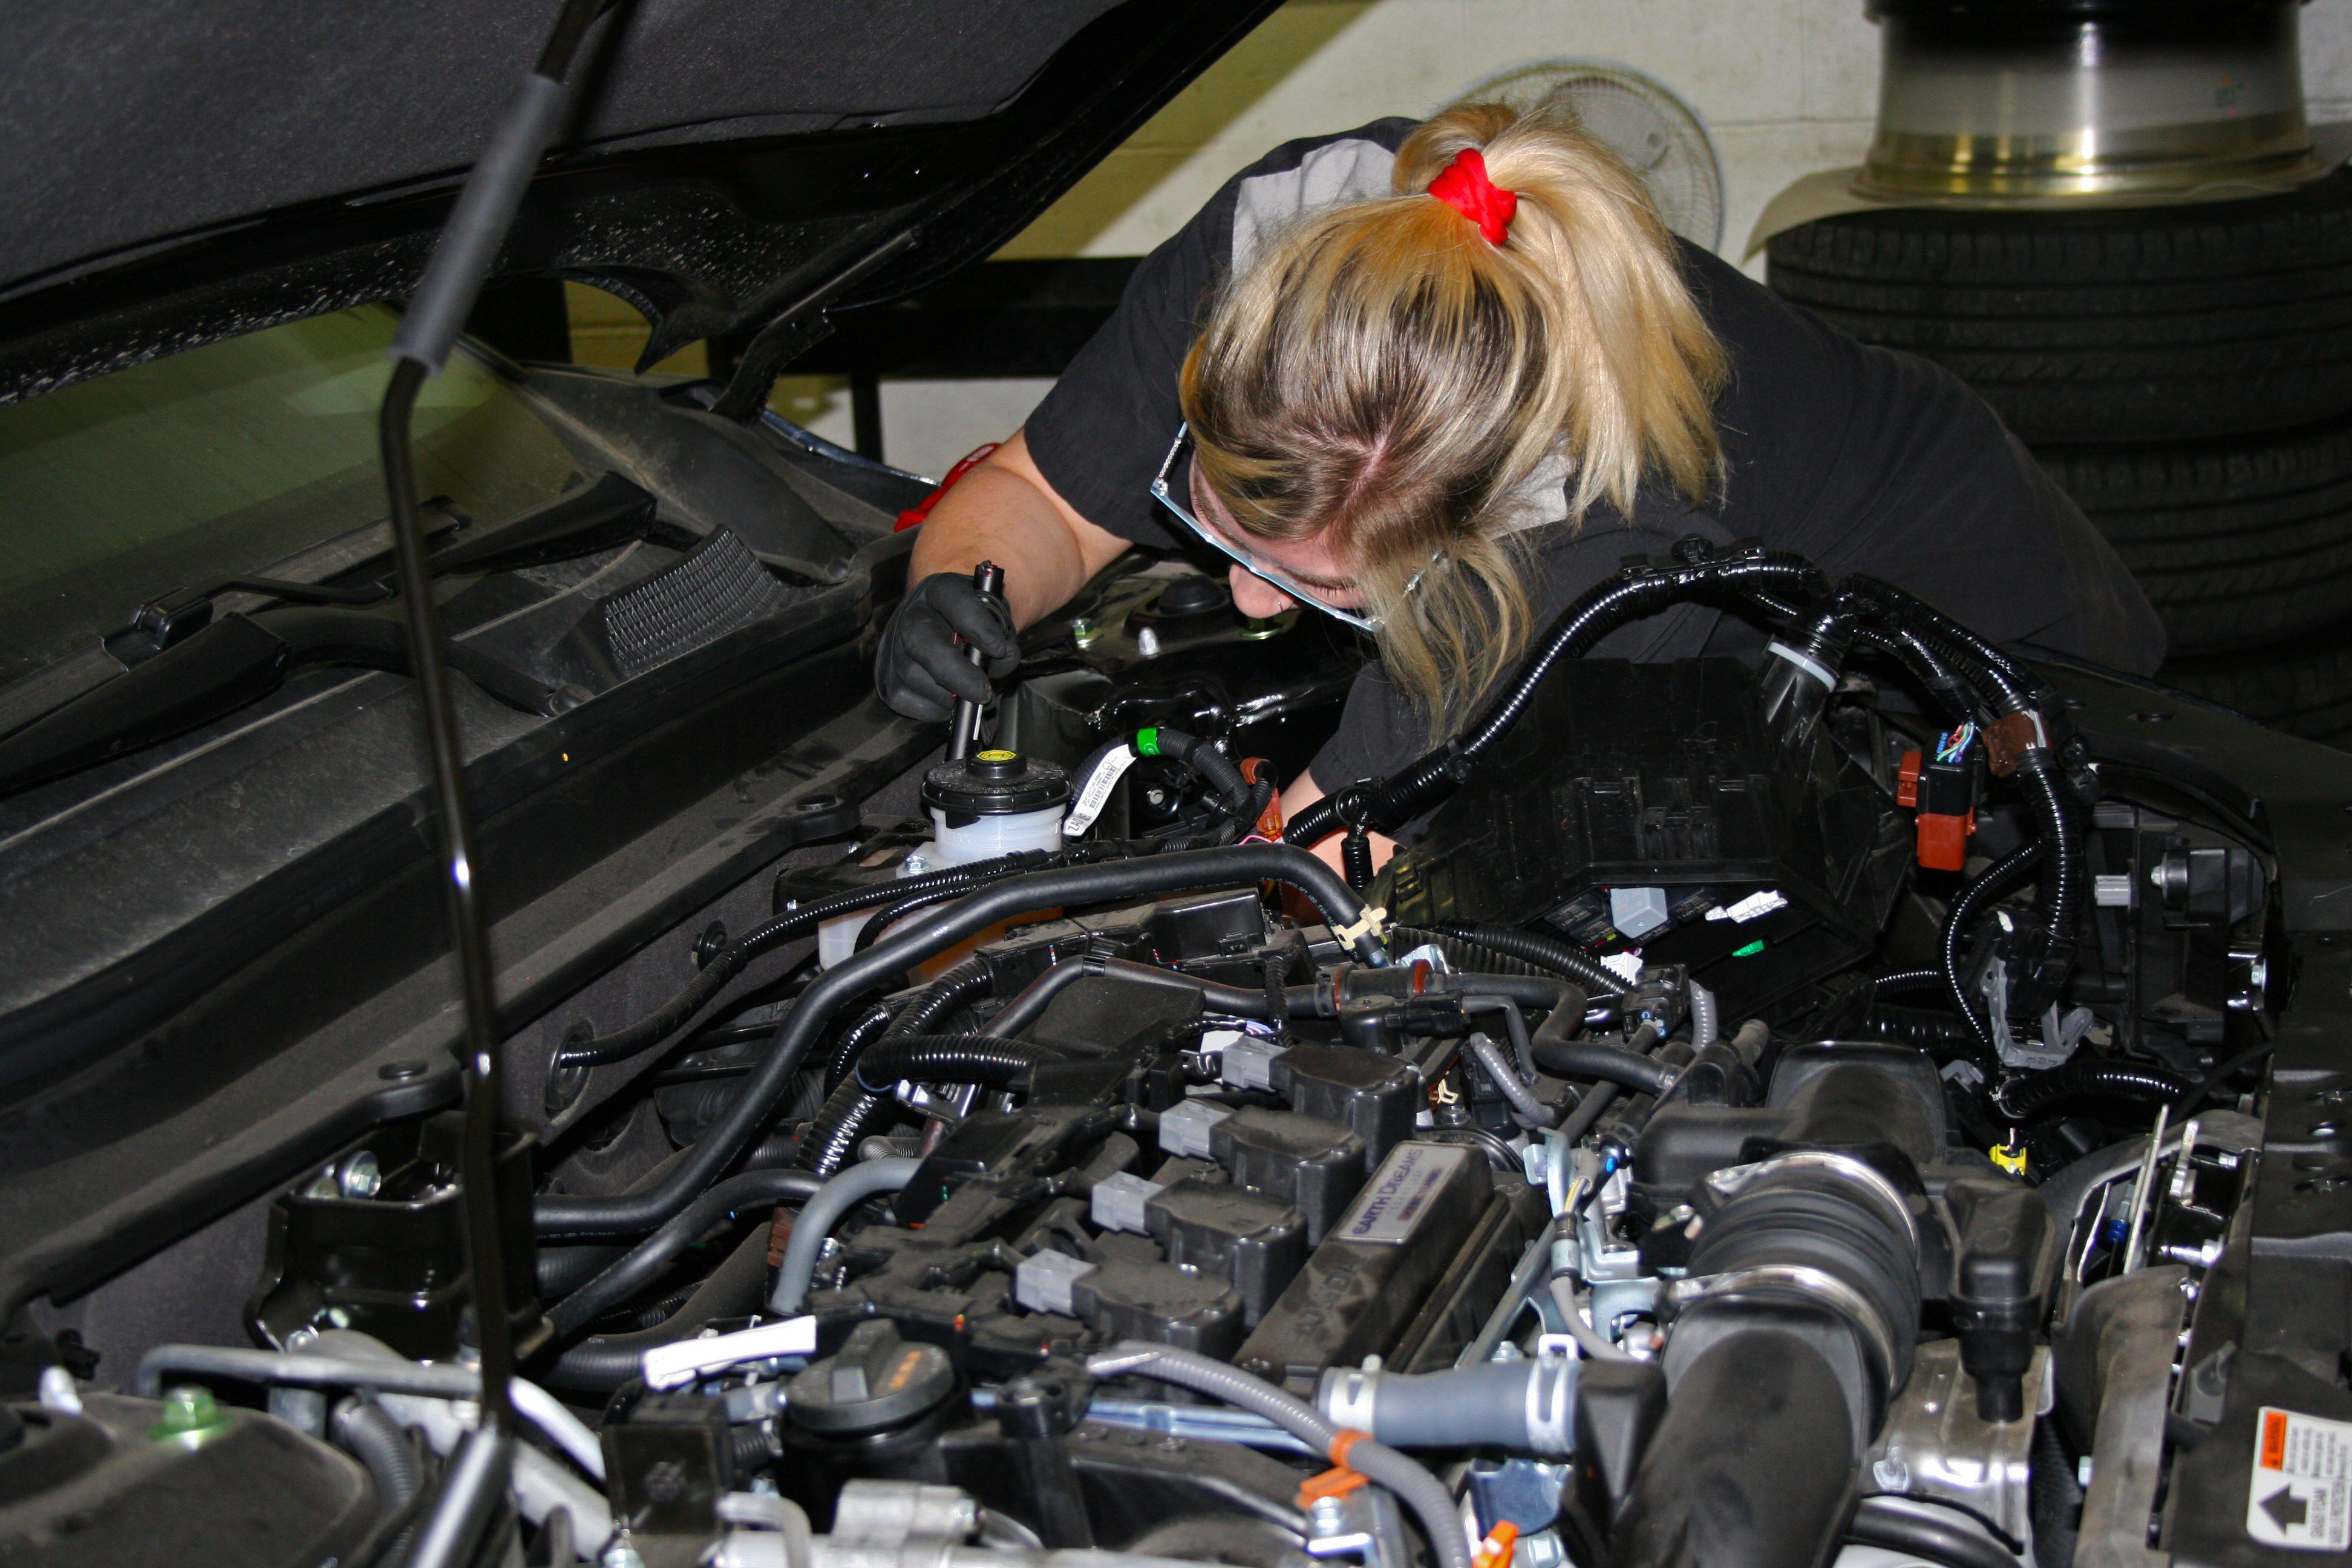 McFadden Honda - Service Technician